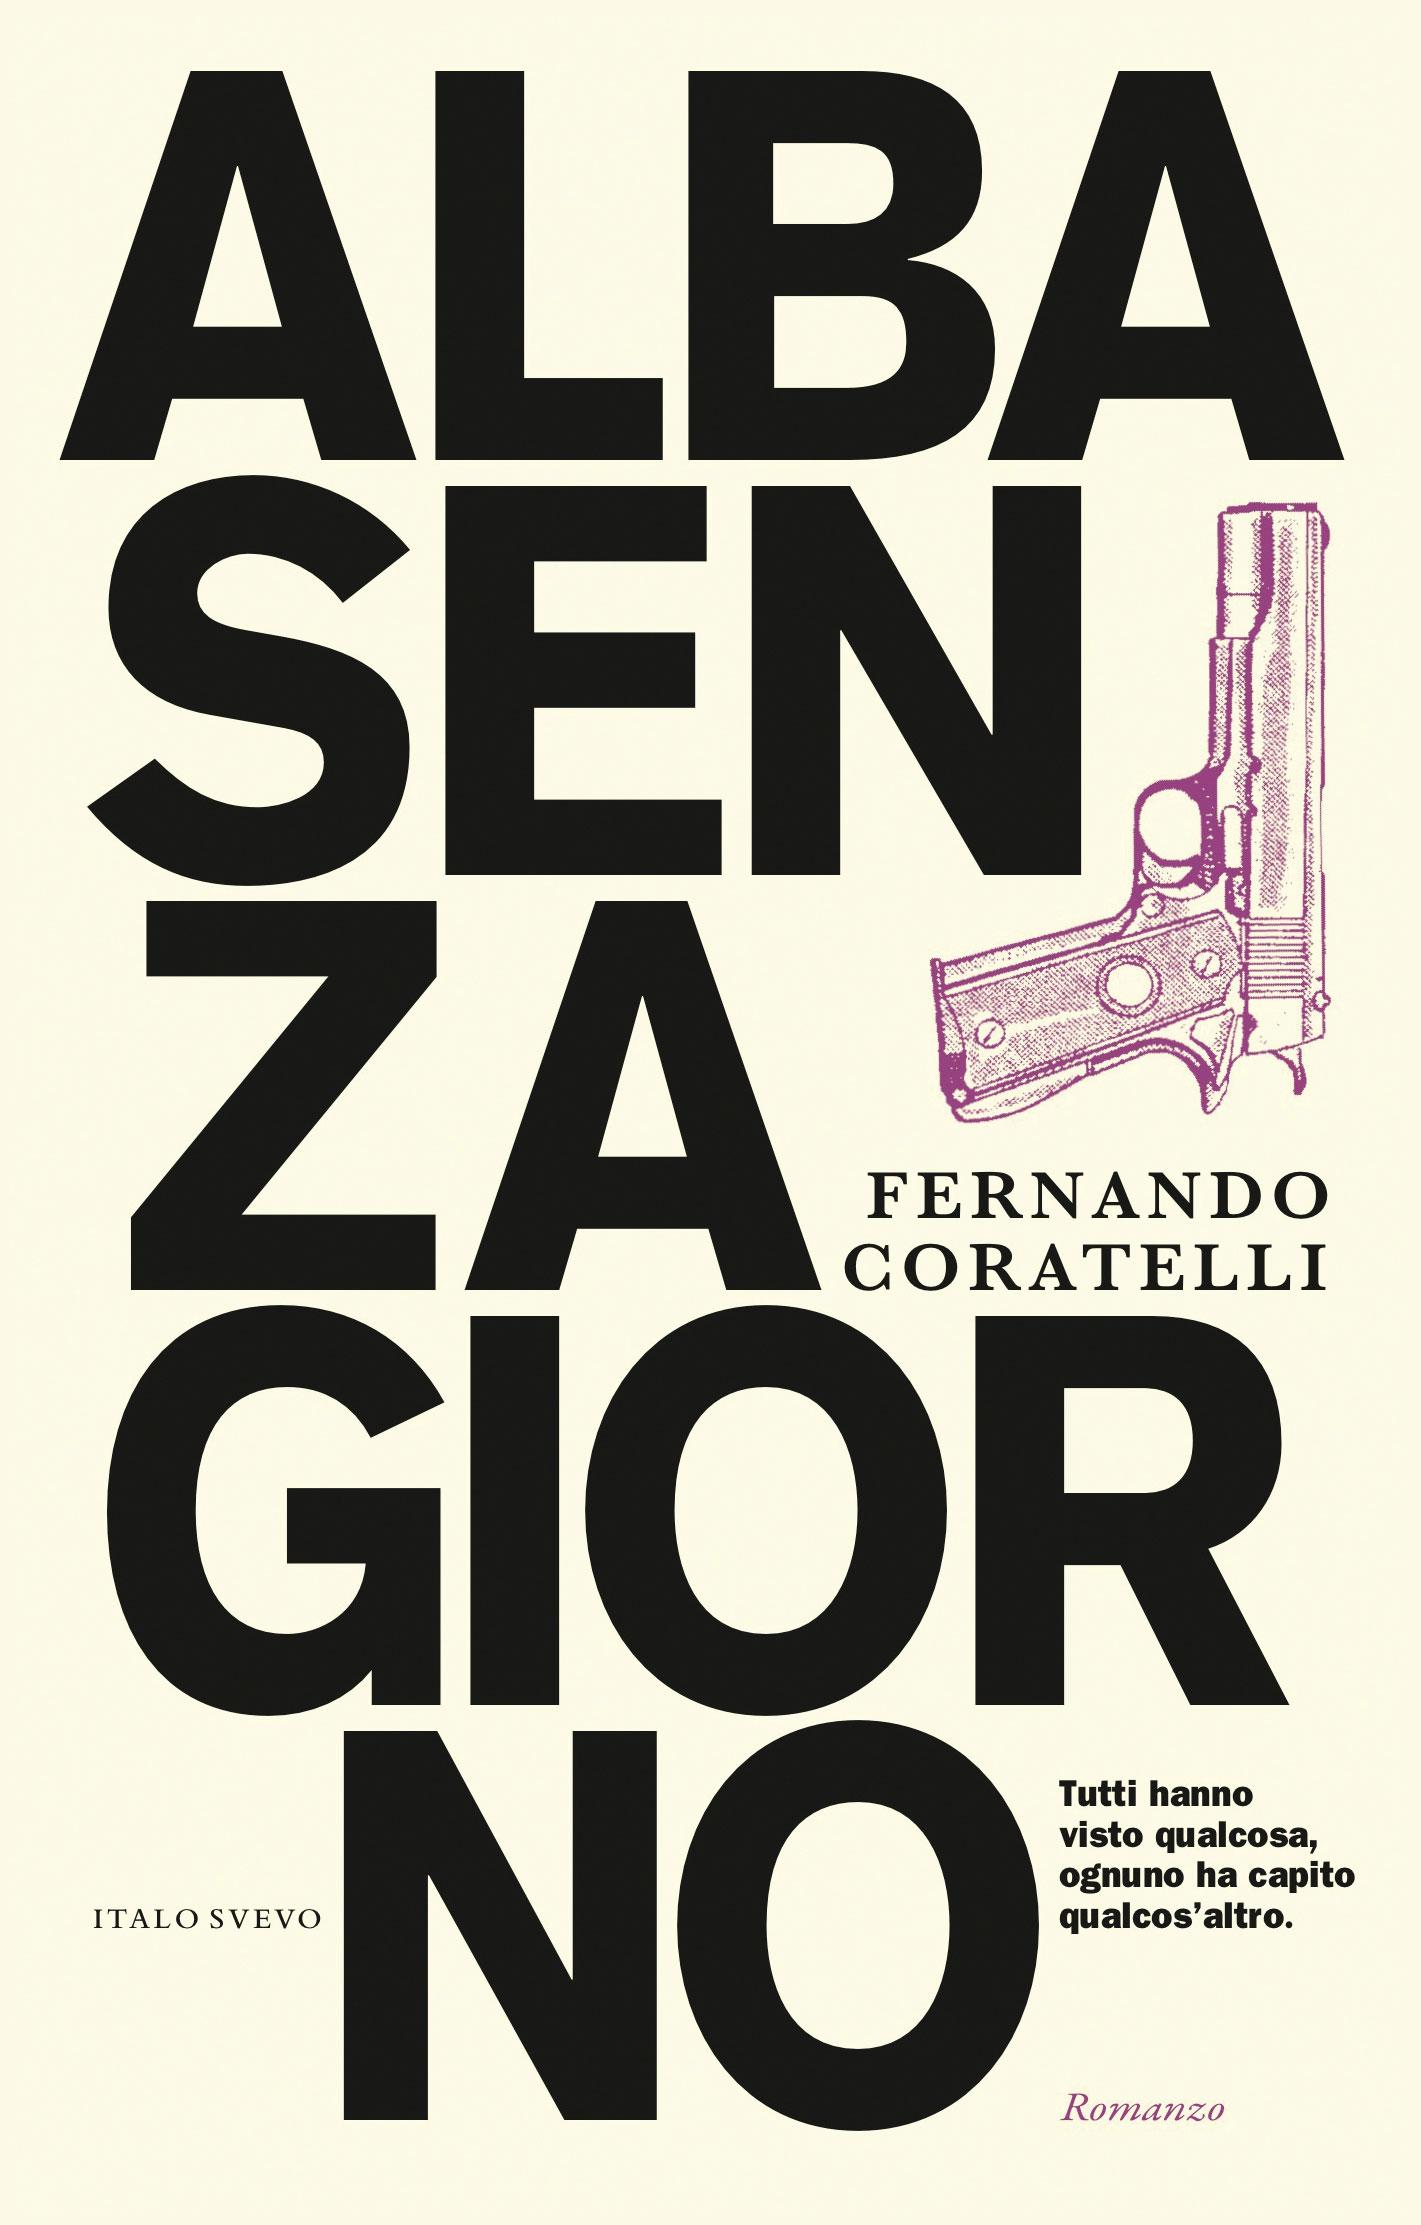 Italo Svevo Edizioni - Alba senza giorno - Coratelli